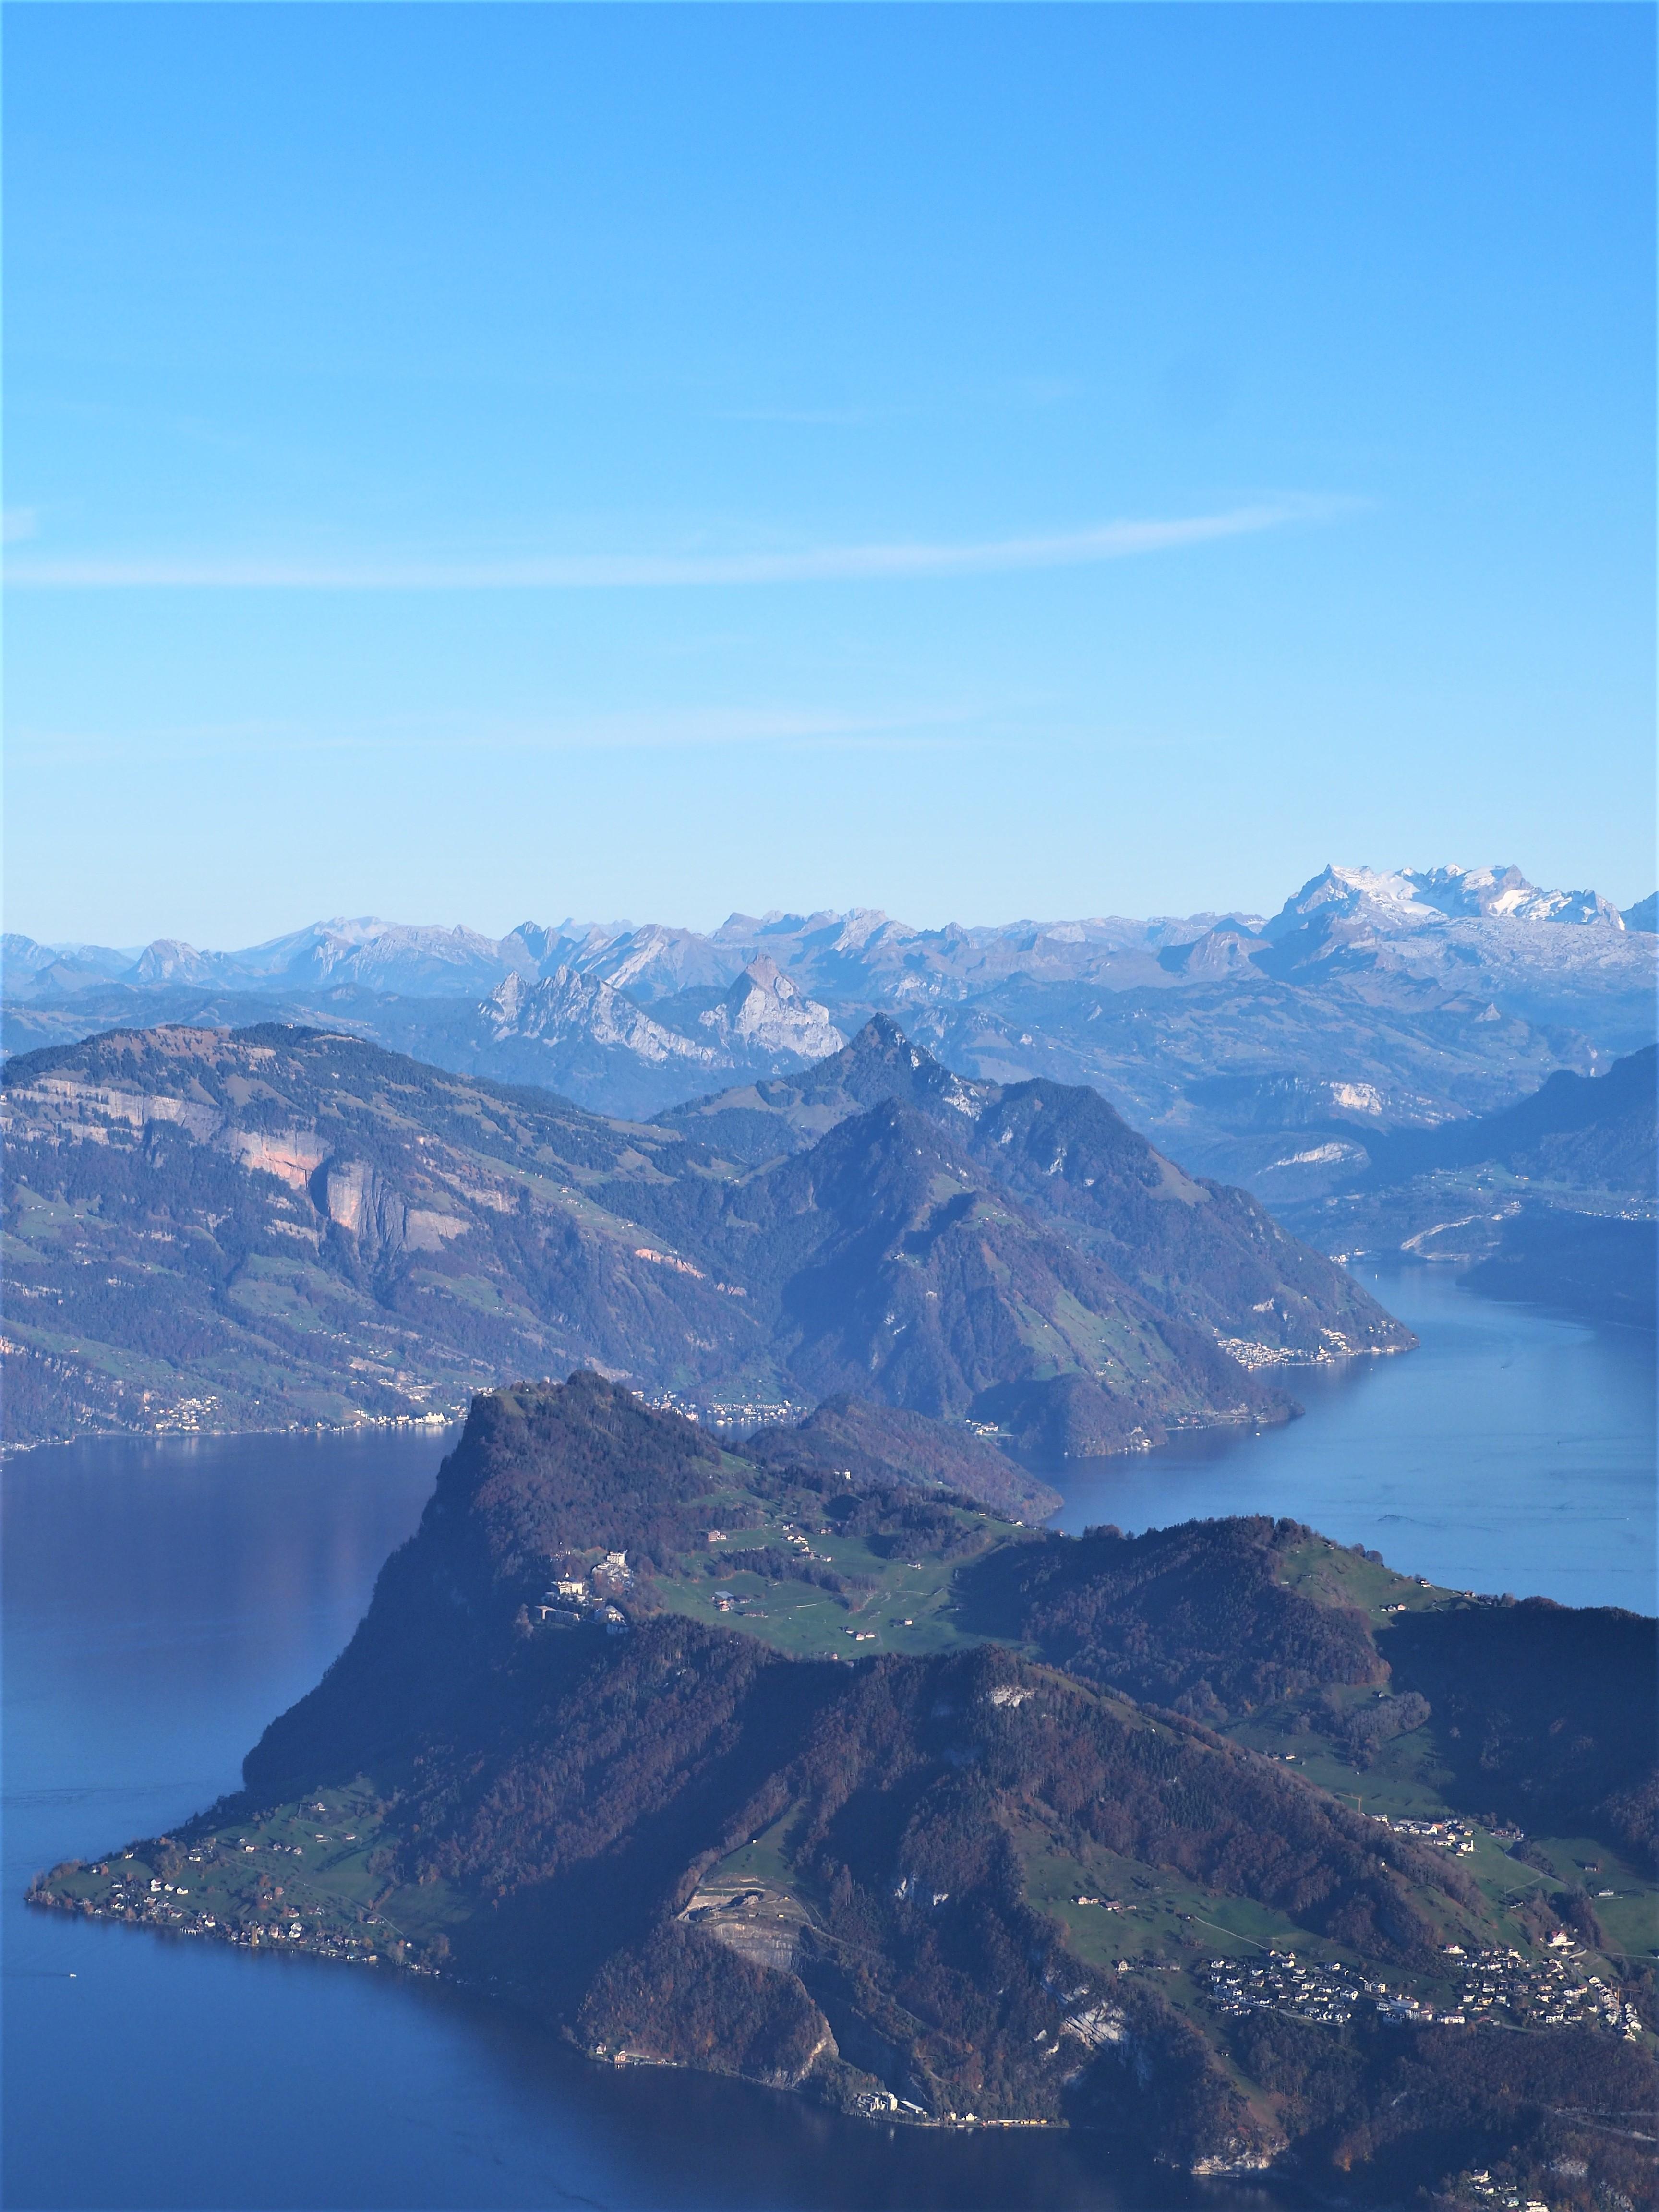 suisse blog voyage clioandco mont pilatus lucerne autour